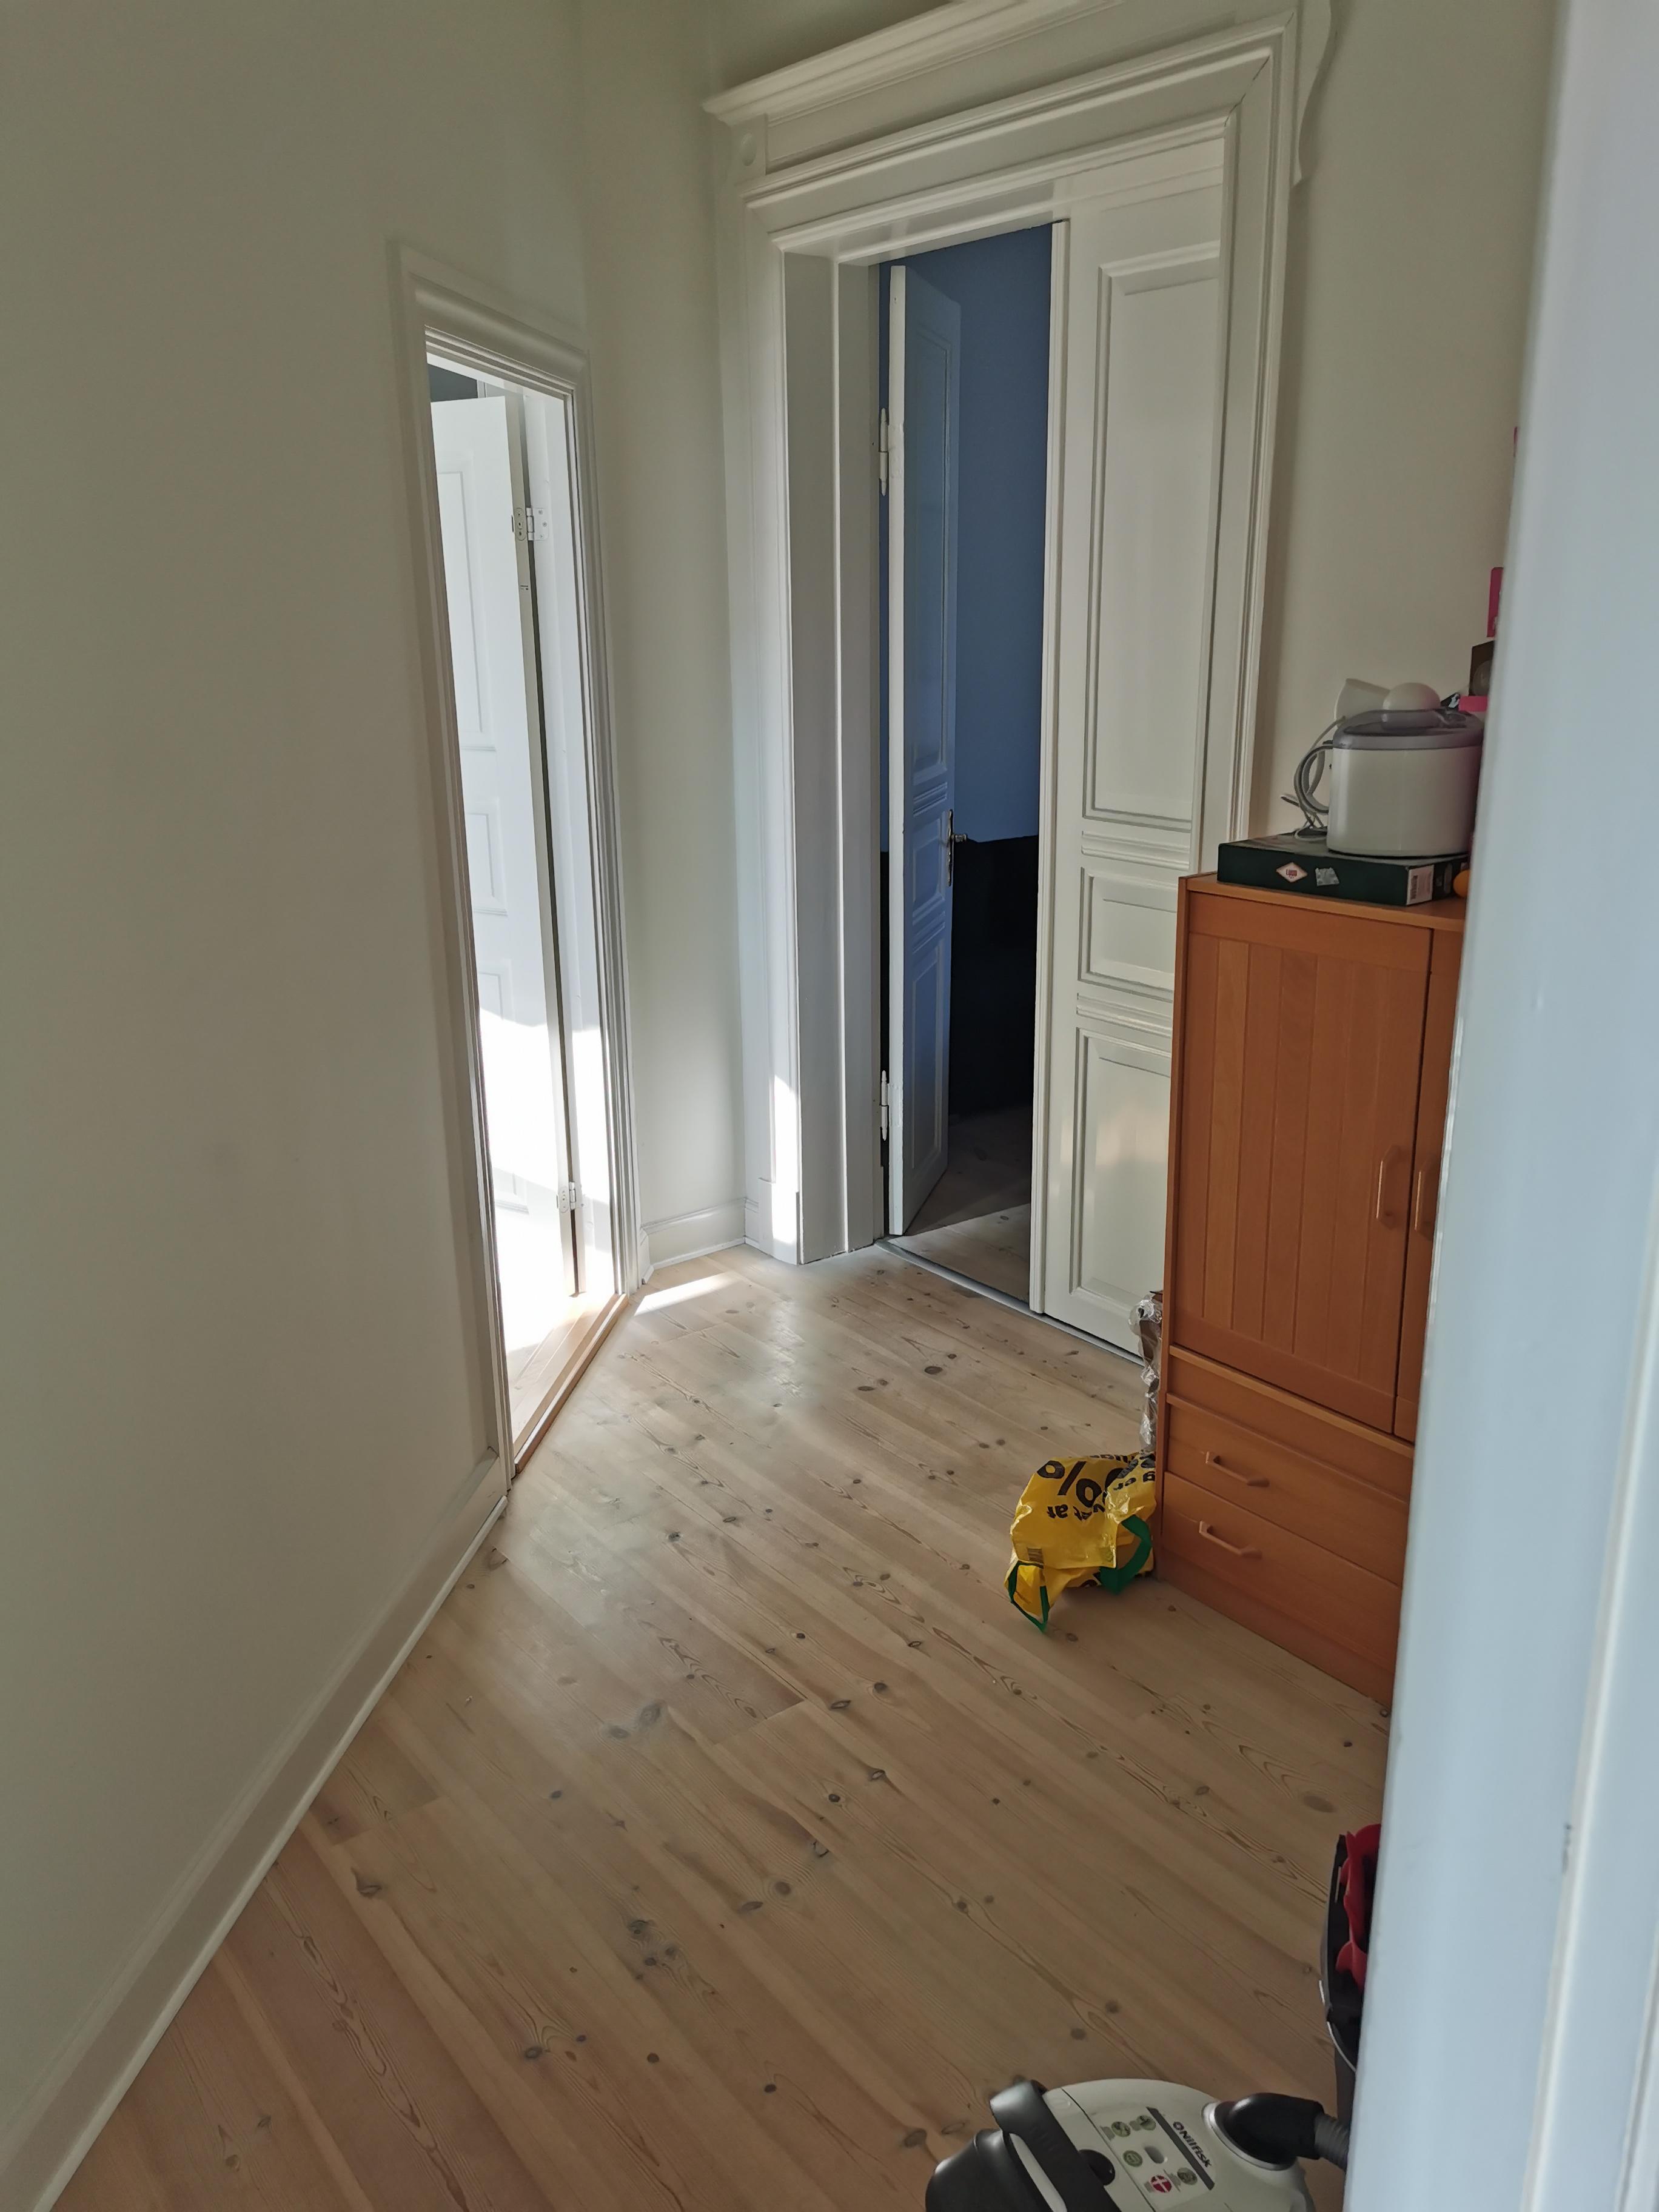 Roommate søges til central lejlighed i Odense fra 1/11